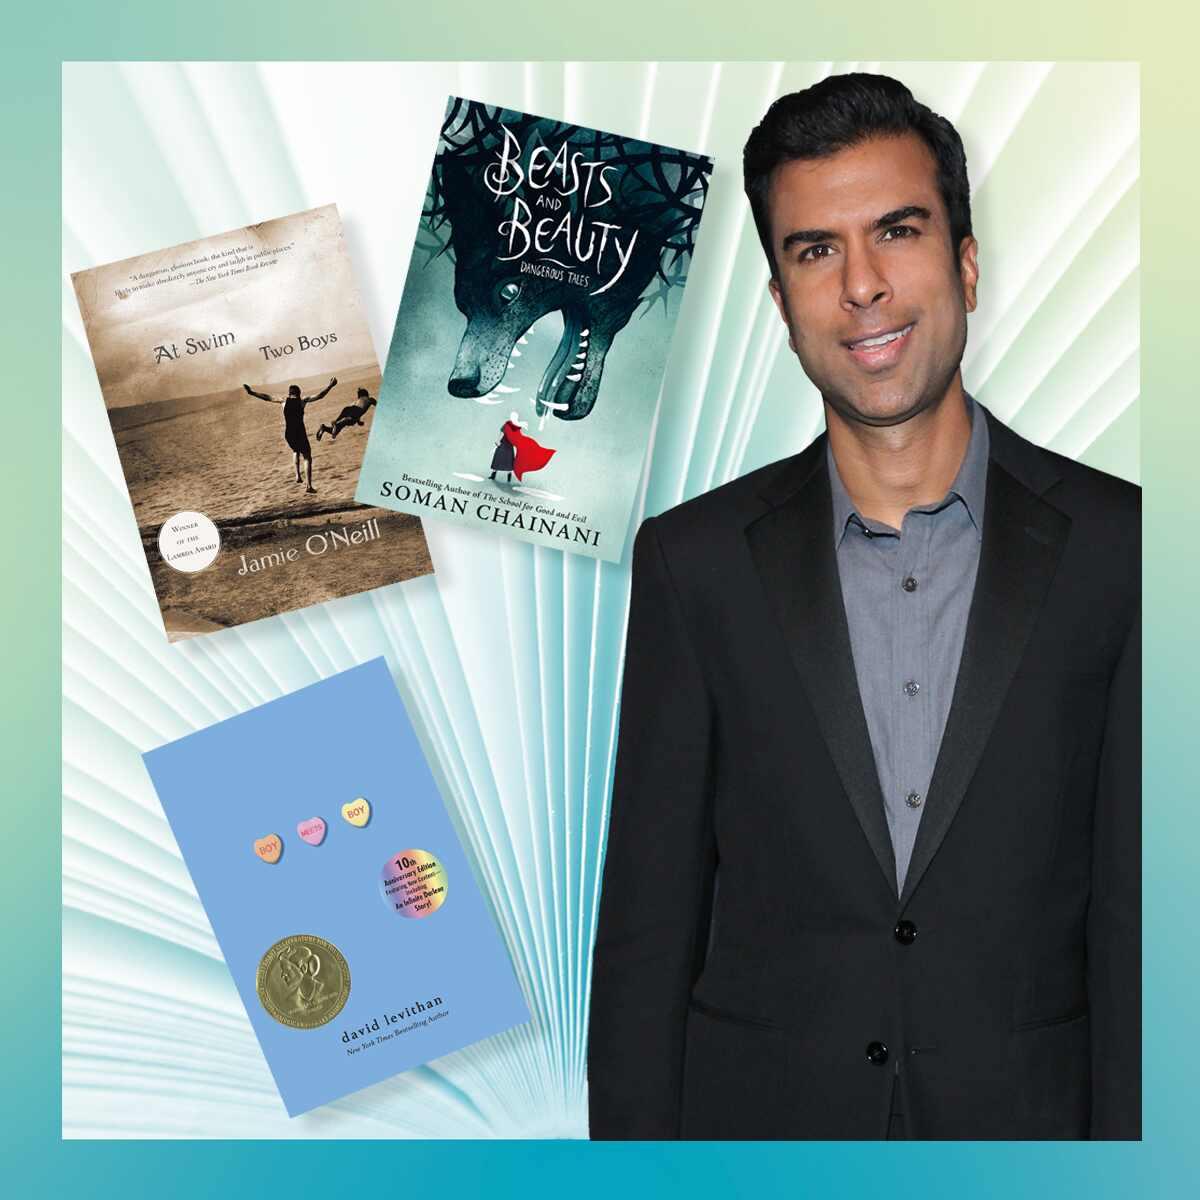 E-Comm: Soman Chainani Books